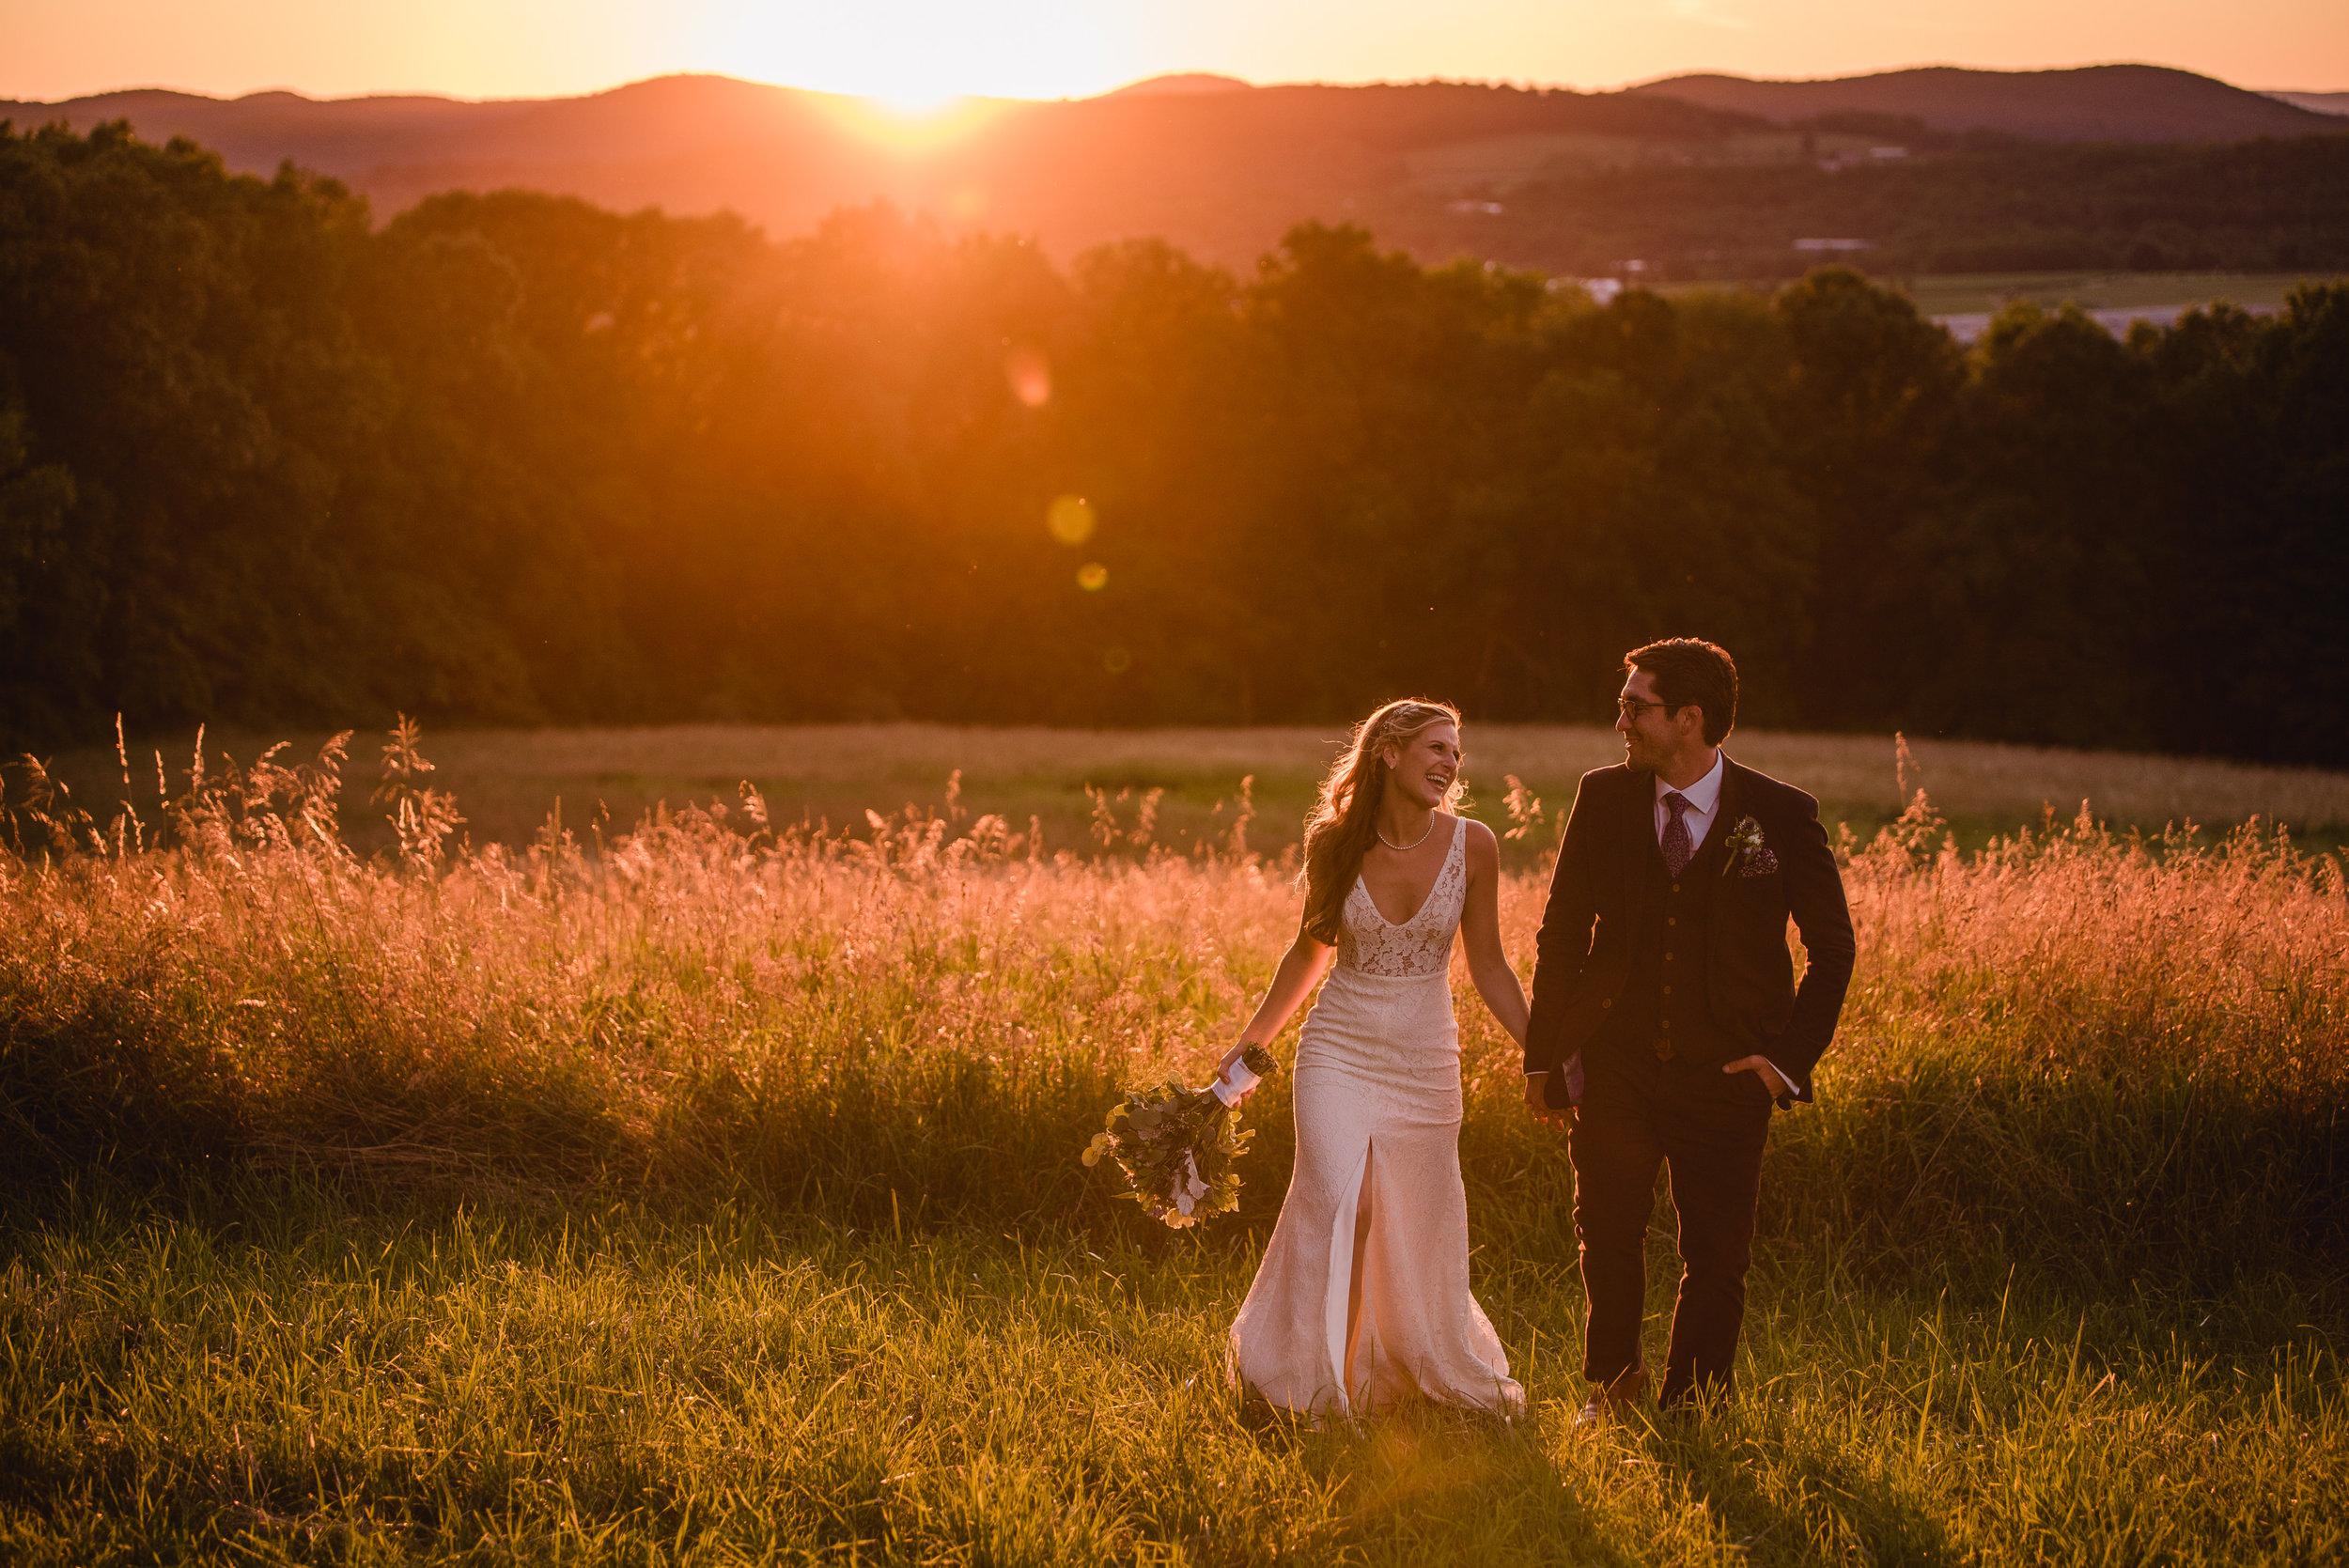 LINDSAY_WEDDING_BORN_TO_RUN_FARM_3770.jpg